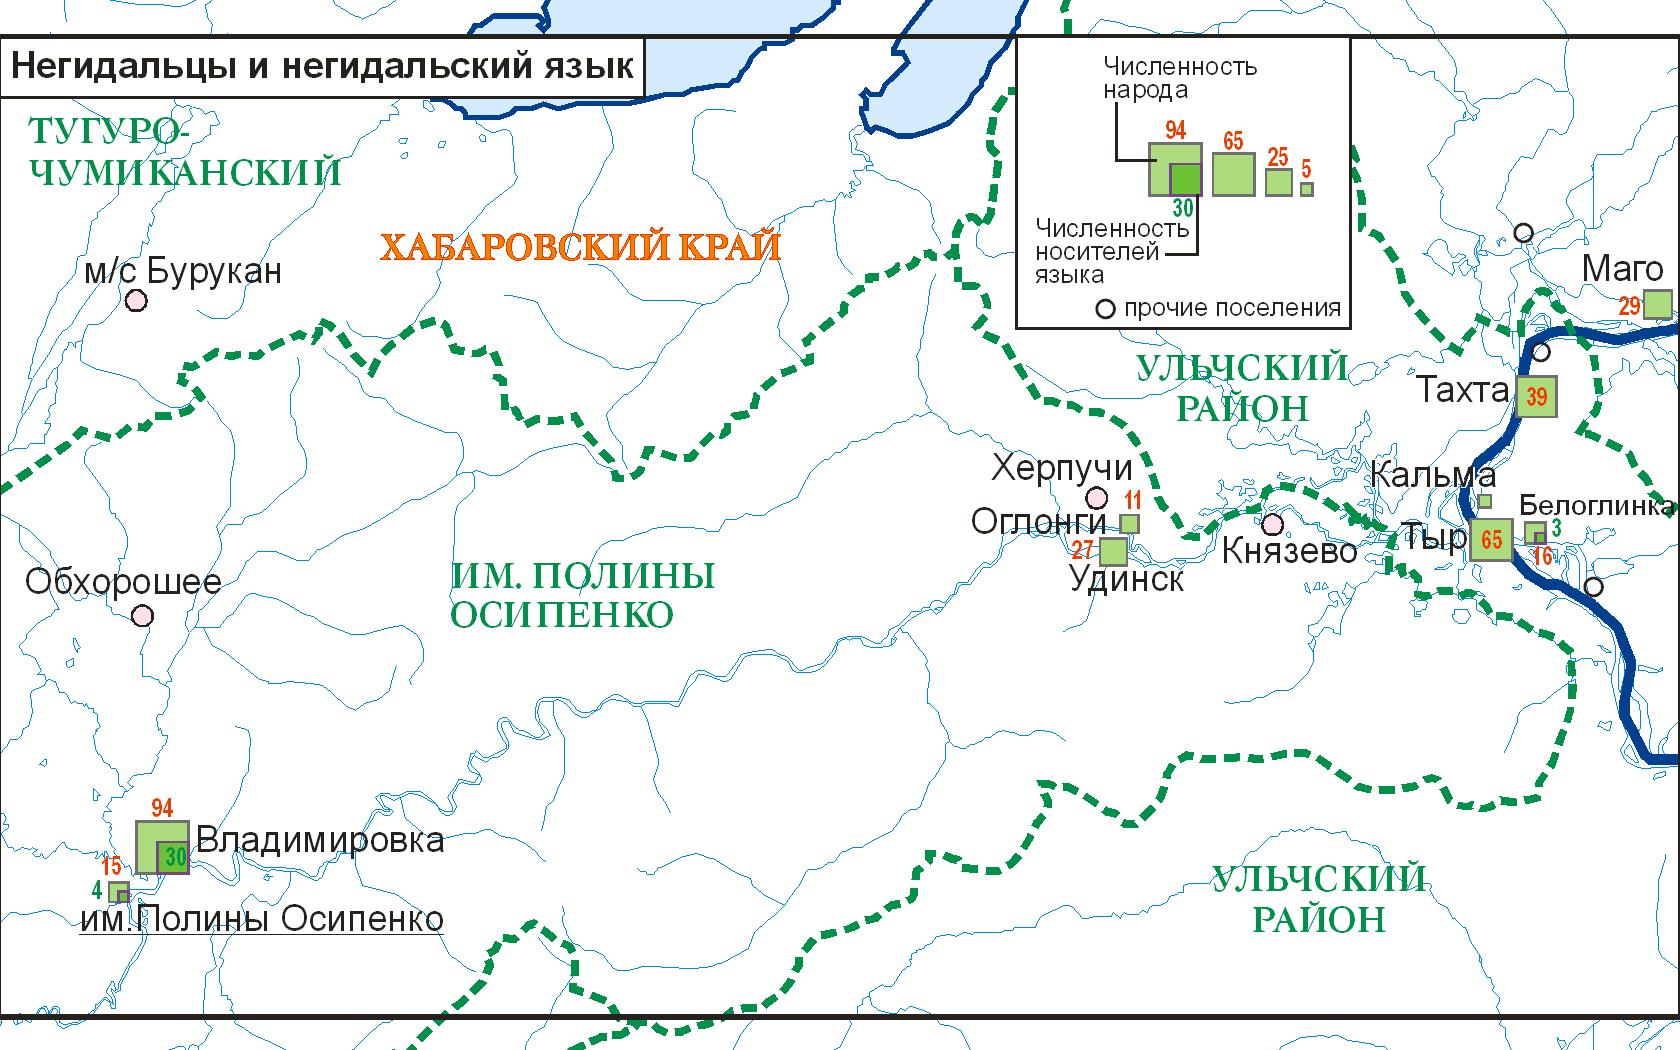 Негидальцы и негидальский язык (2010); автор Ю.Б.Коряков